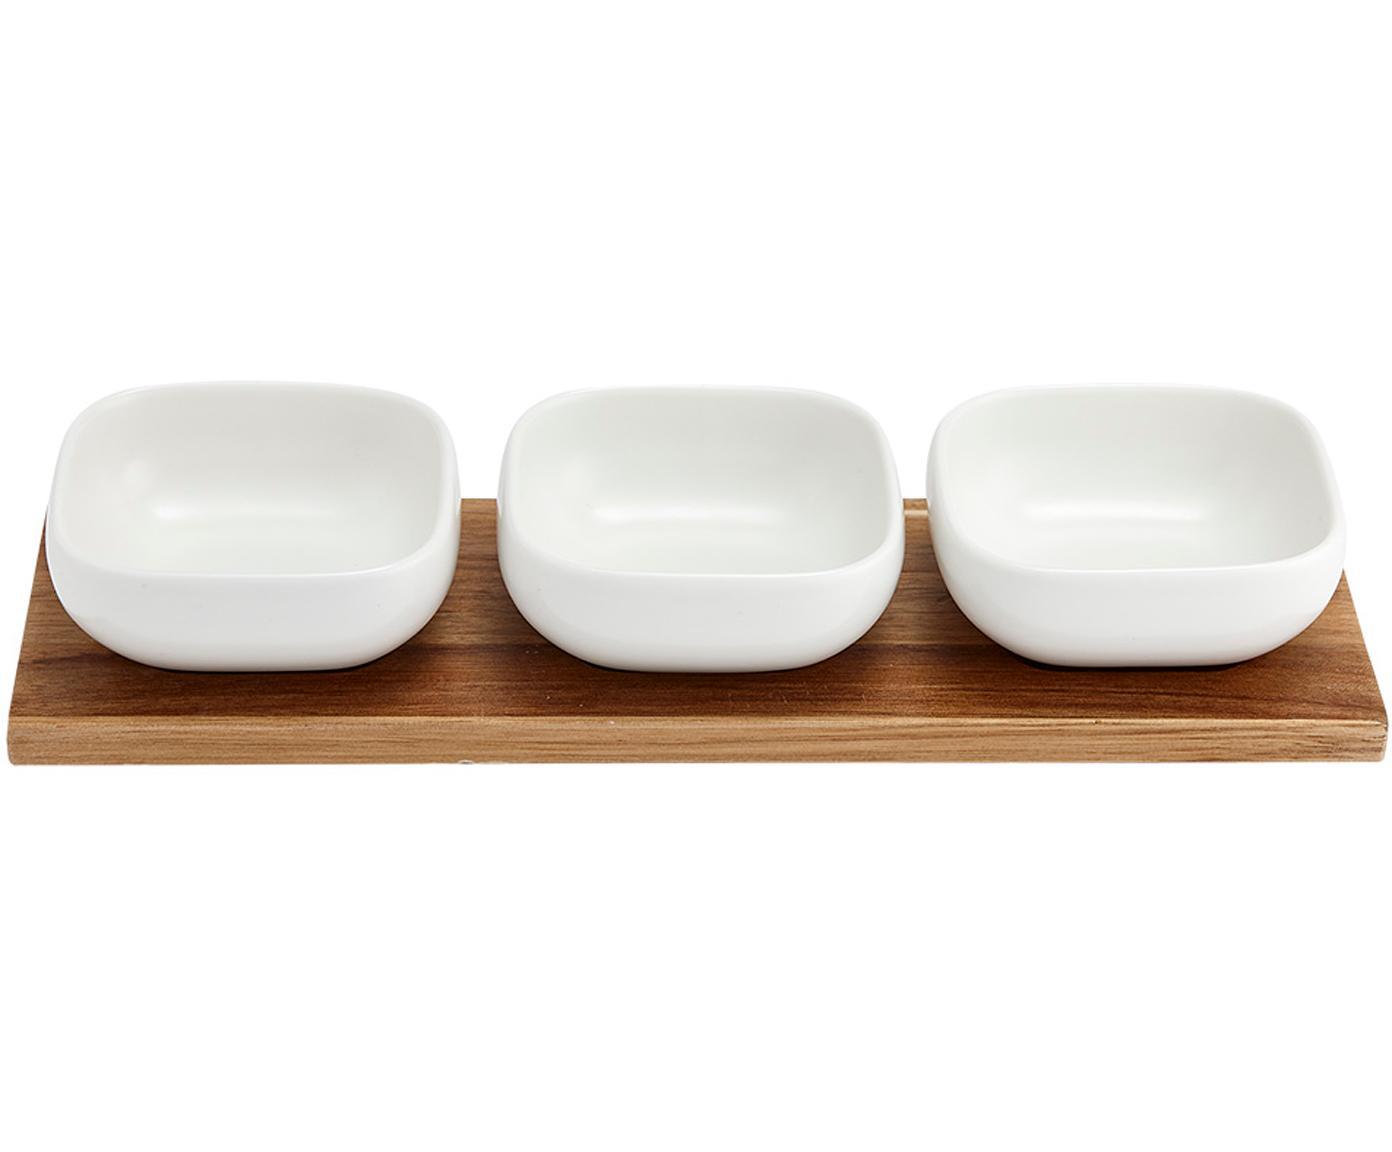 Set de cuencos Essentials, 4pzas., Cuencos: porcelana, Bandeja: madera de acacia, Blanco, acacia, Tamaños diferentes